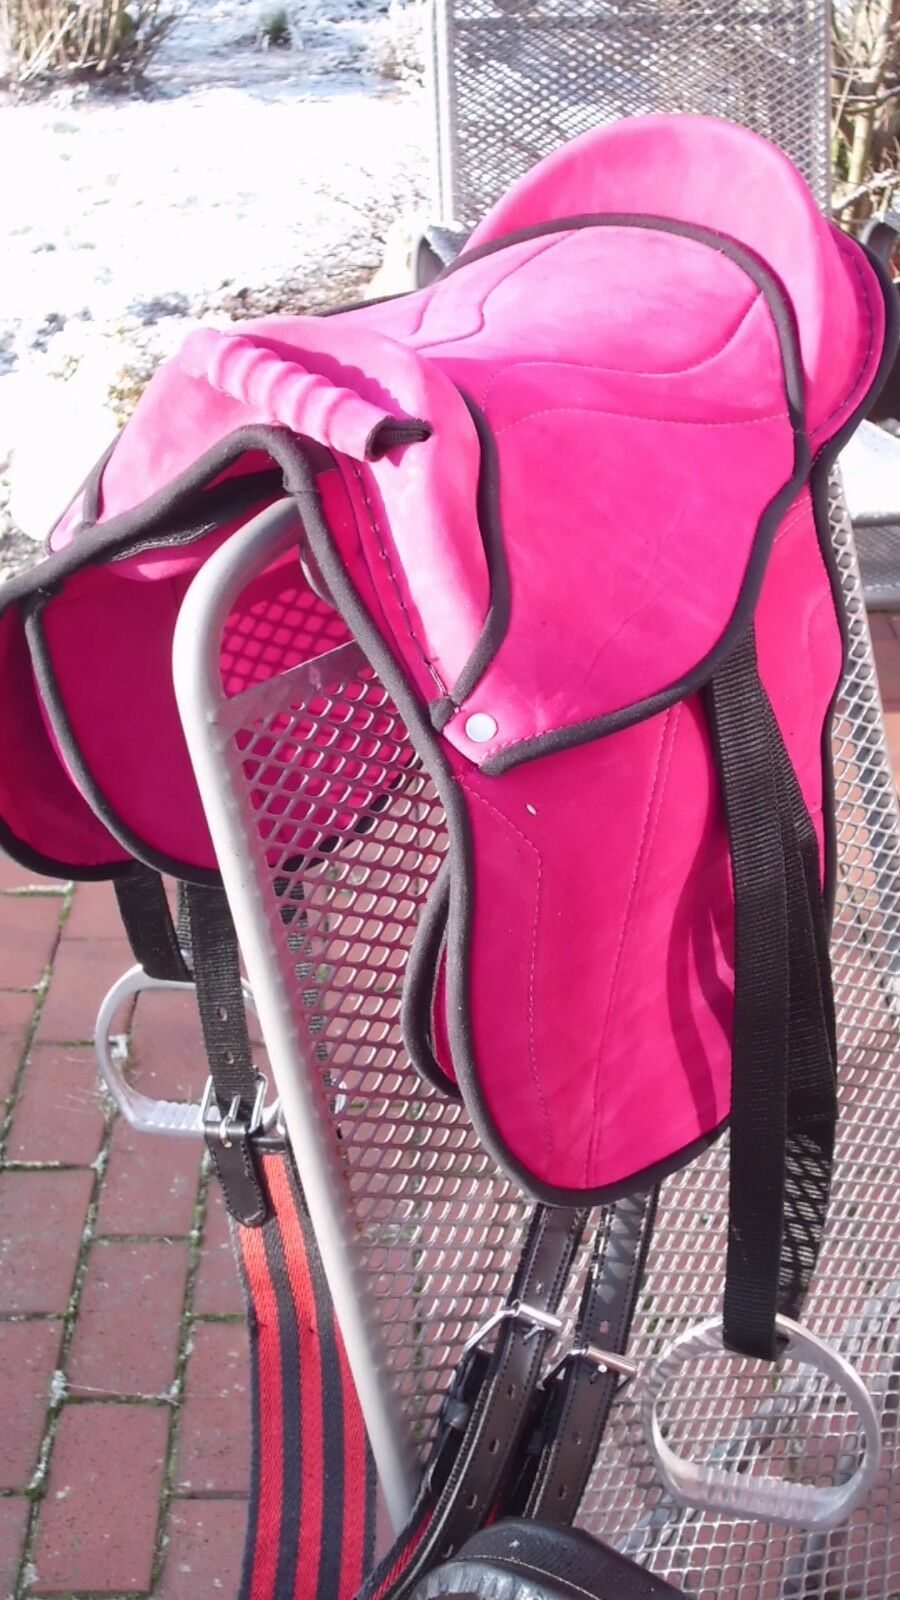 Sattel Set für Shettys Shettys Shettys Ponys oder Holzpferde  Farbe Rosa Wildleder-Optik 307182